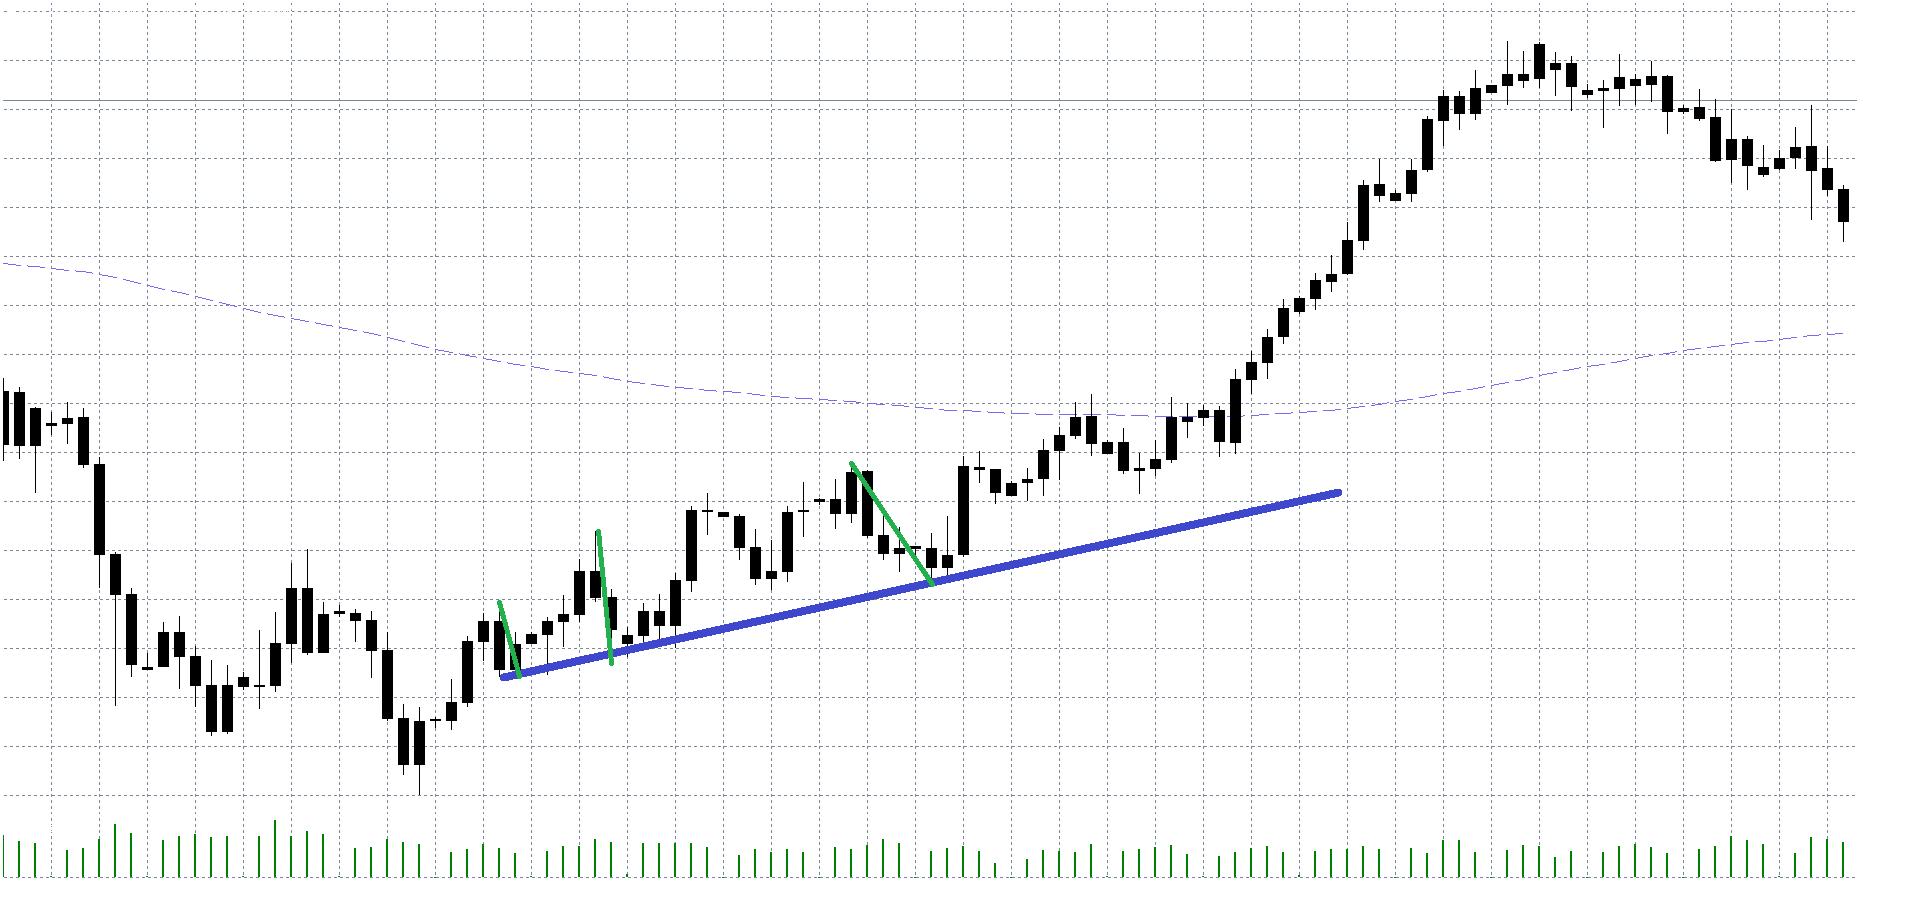 Forex Trendlinien zeichnen - Die Swingextrem Variation